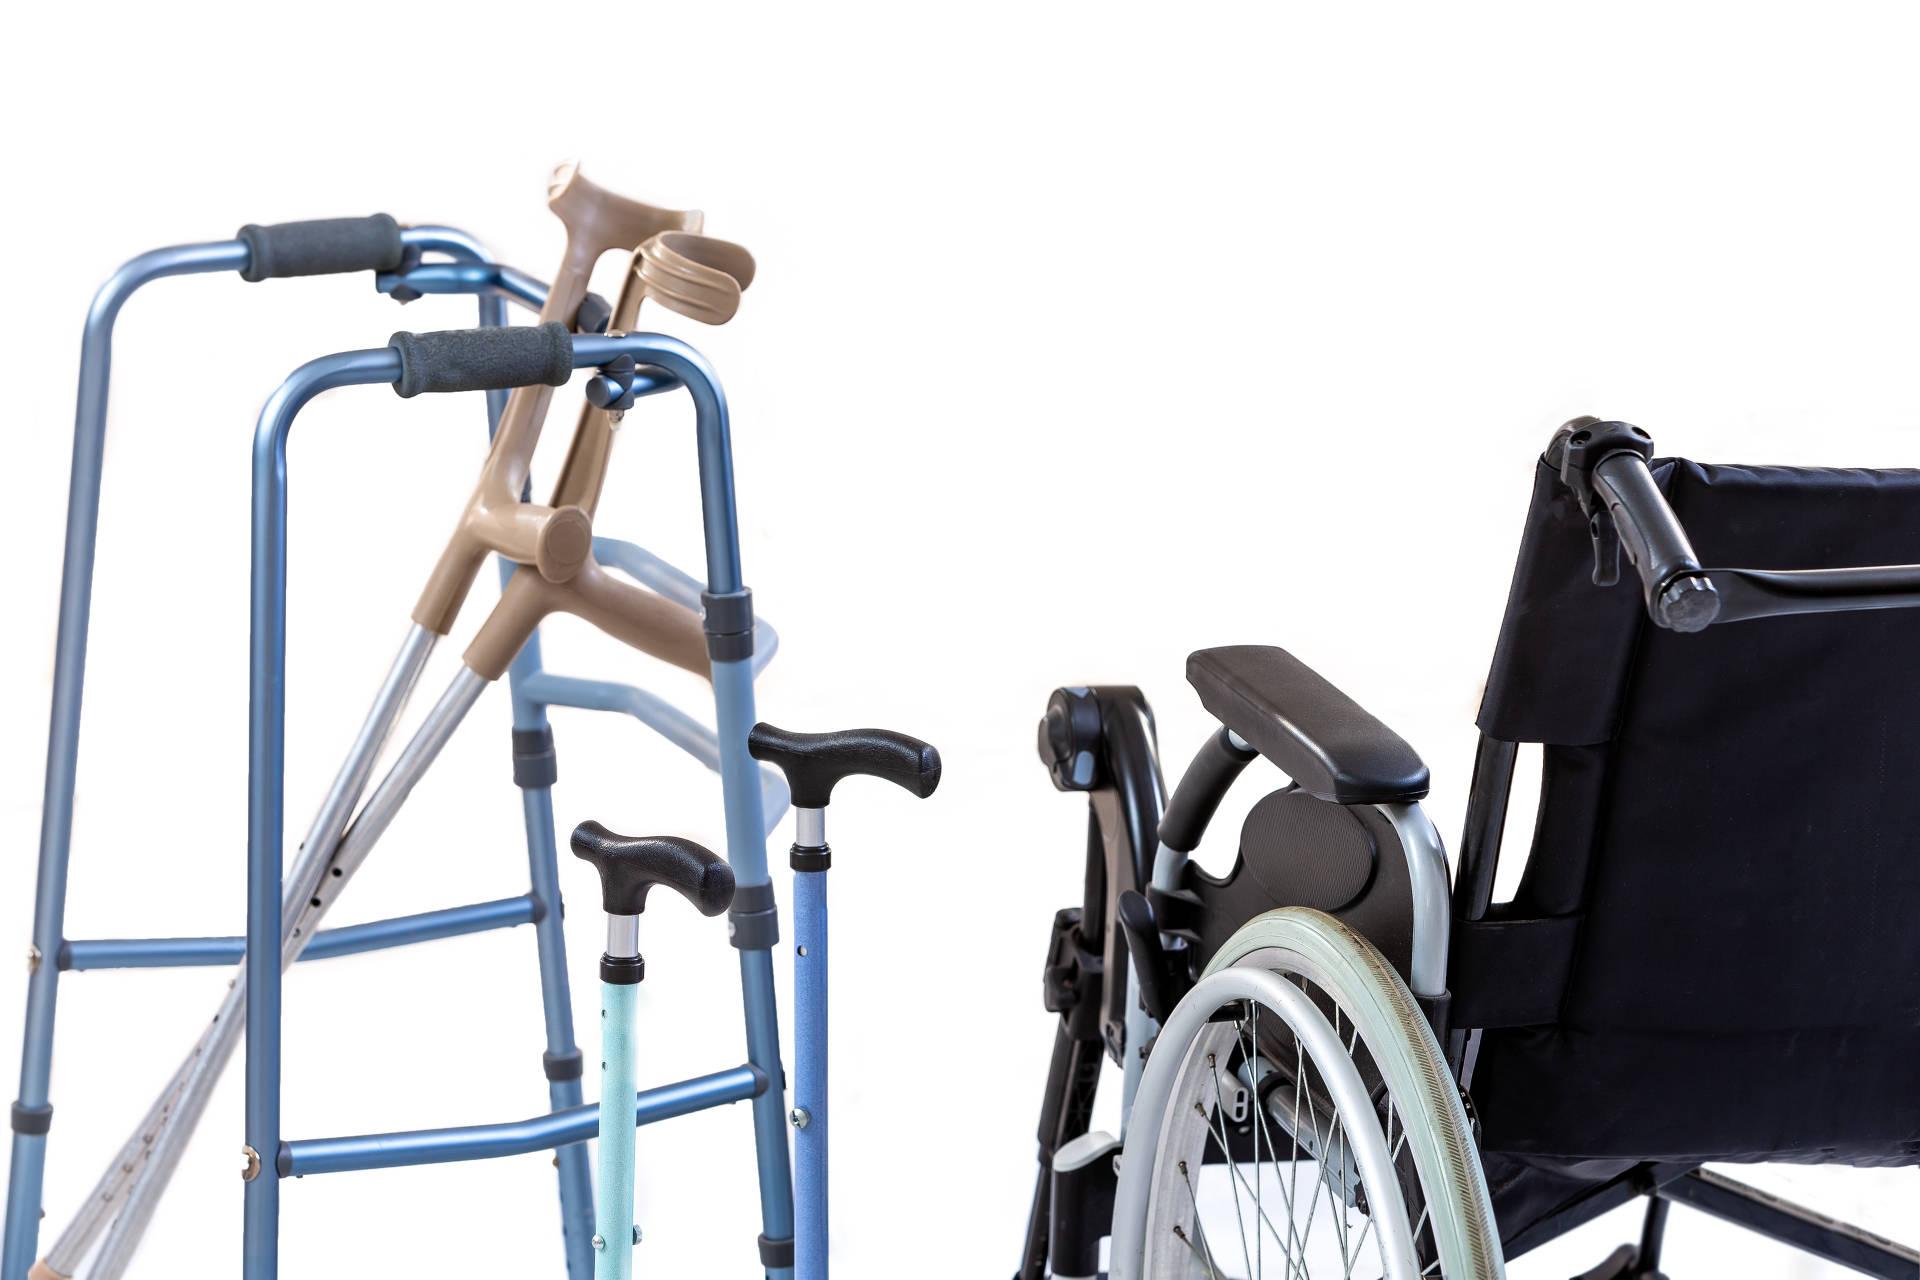 Möbilitästshilfen ermöglichen trotz körperlicher Einschränkungen sich frei zu bewegen